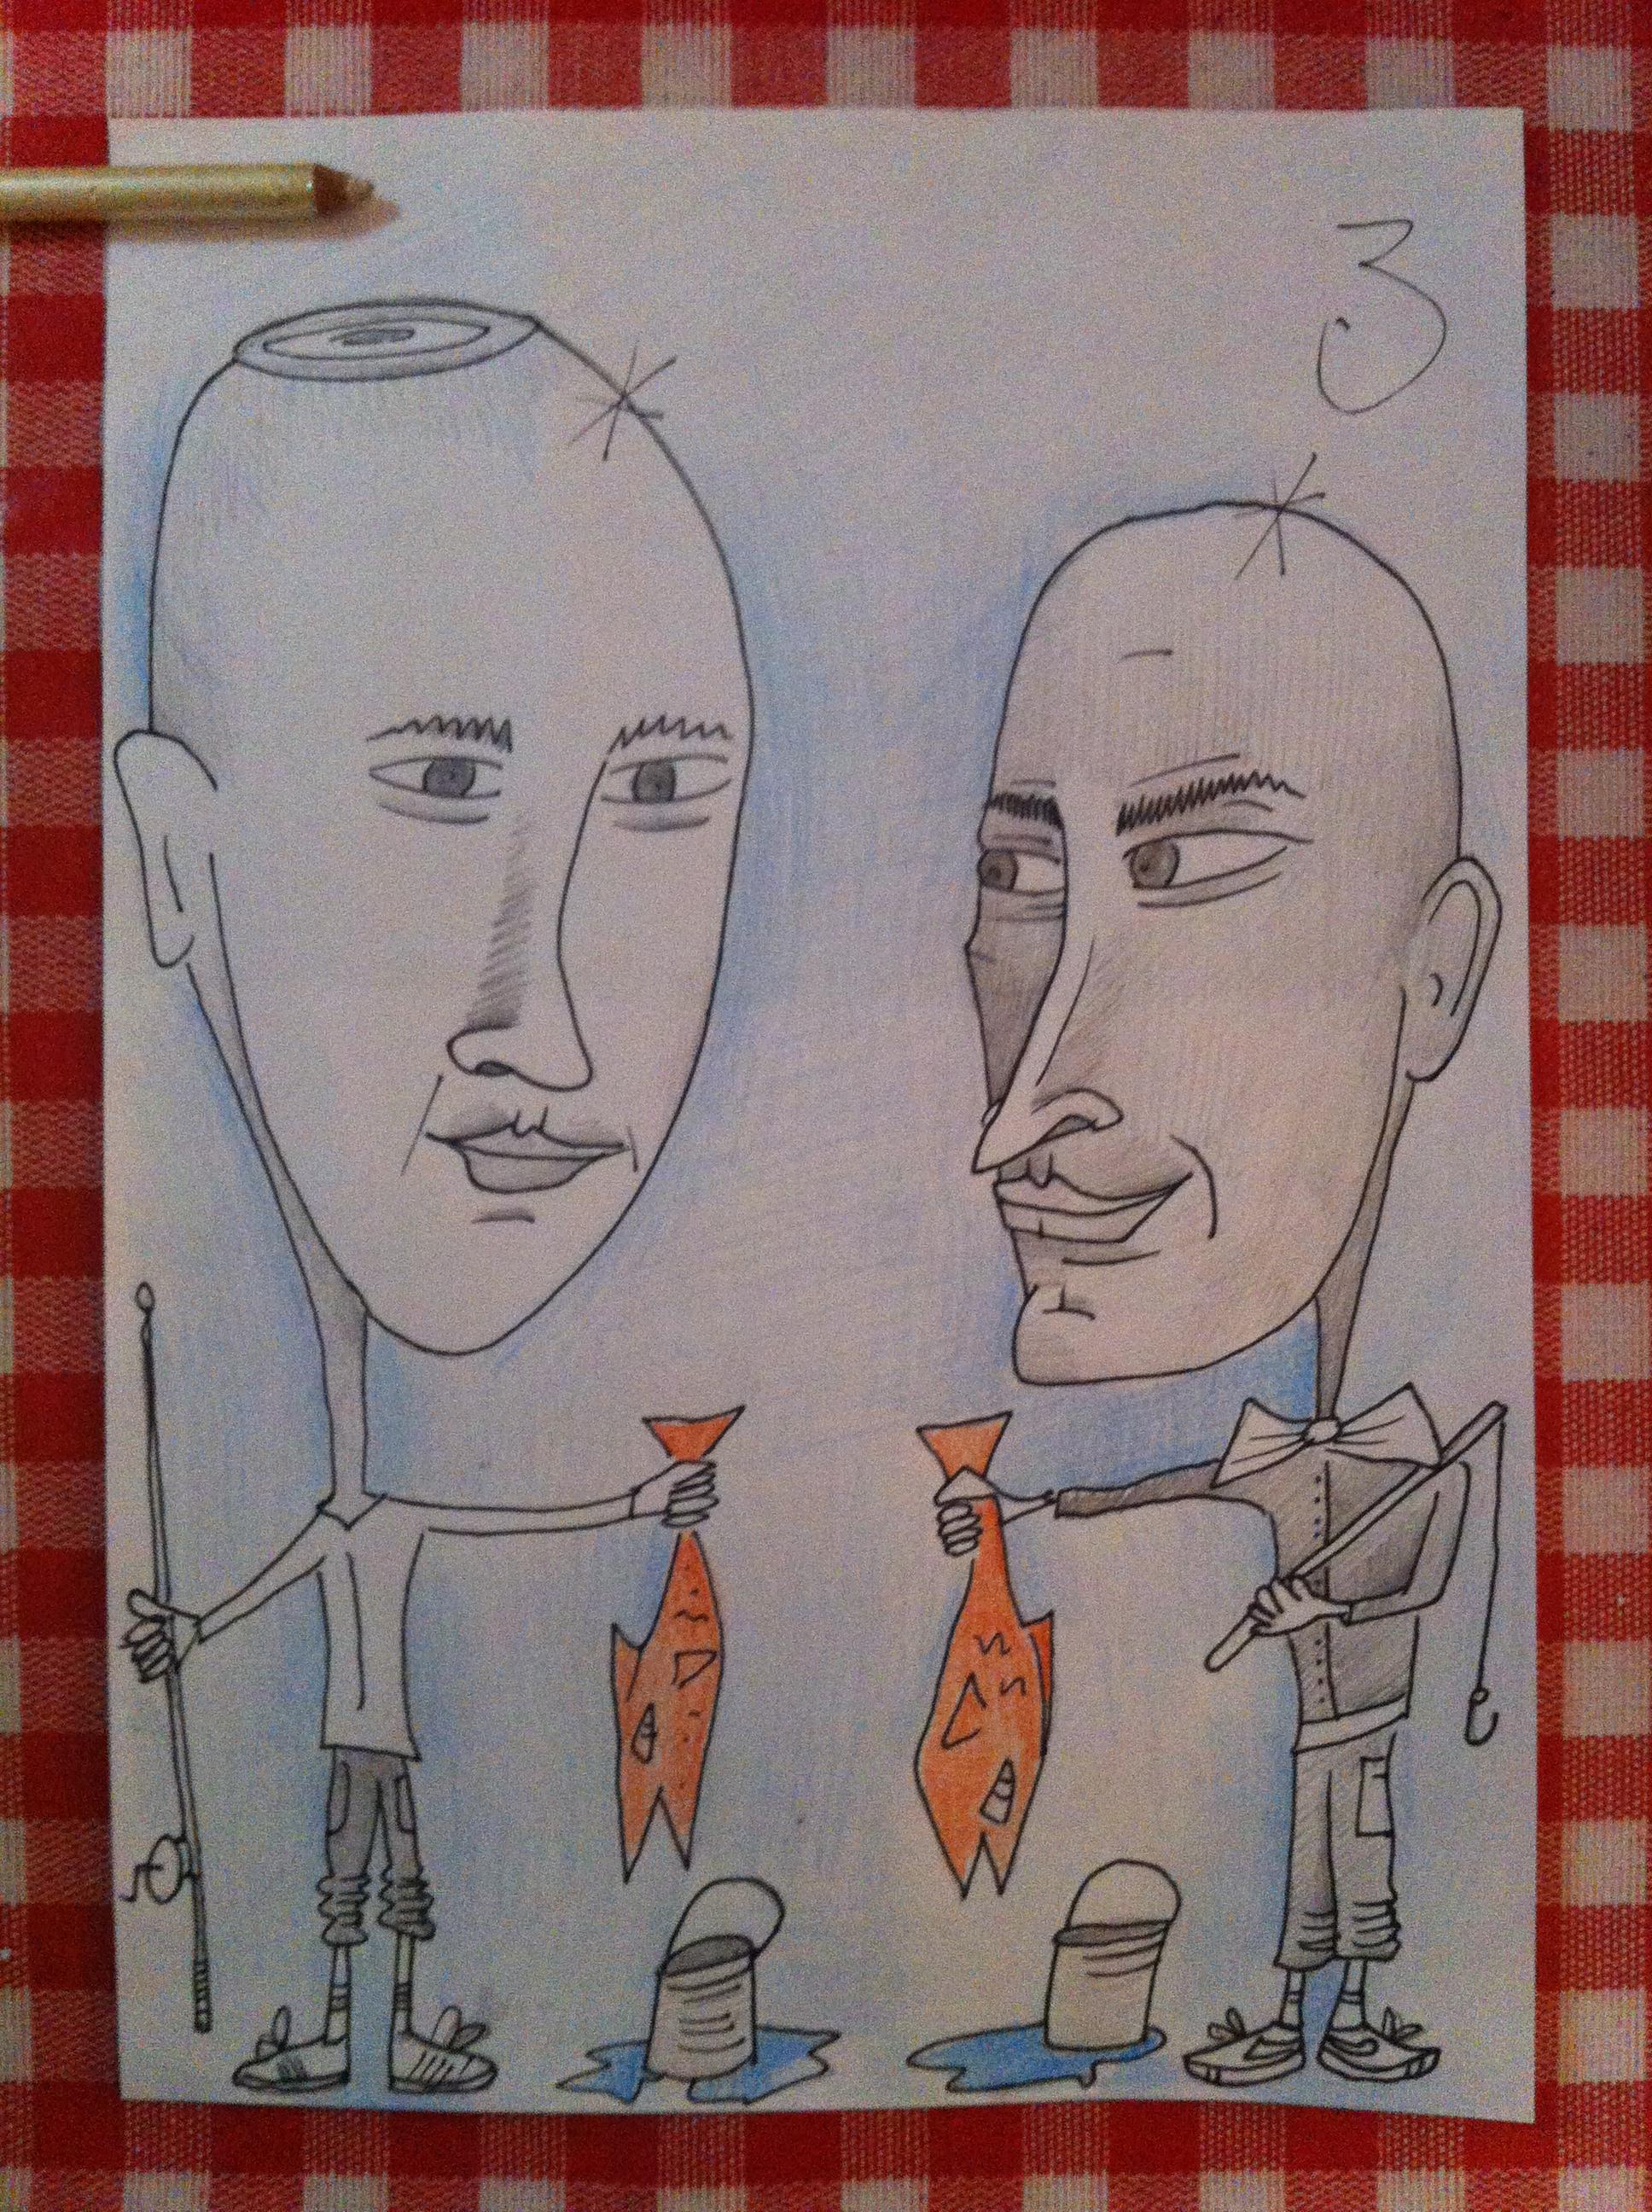 הקו החם בביצה: גיתם BBDO זכו בתחרות דג הזהב, המדור מפרגן לשני גרשי ולדני יעקובוביץ'